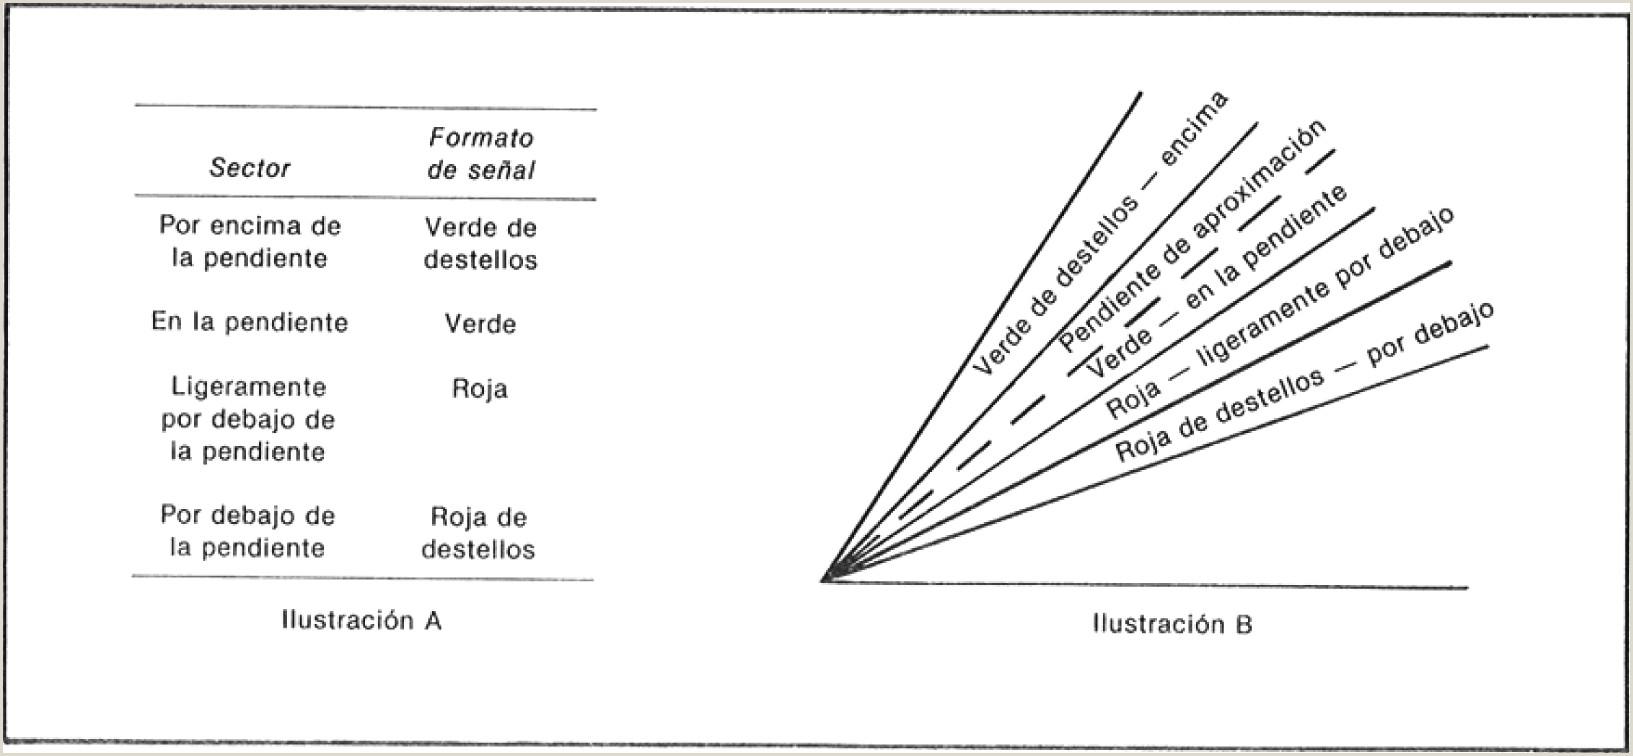 Formato Hoja De Vida Conductor Boe Documento Boe A 2009 9043